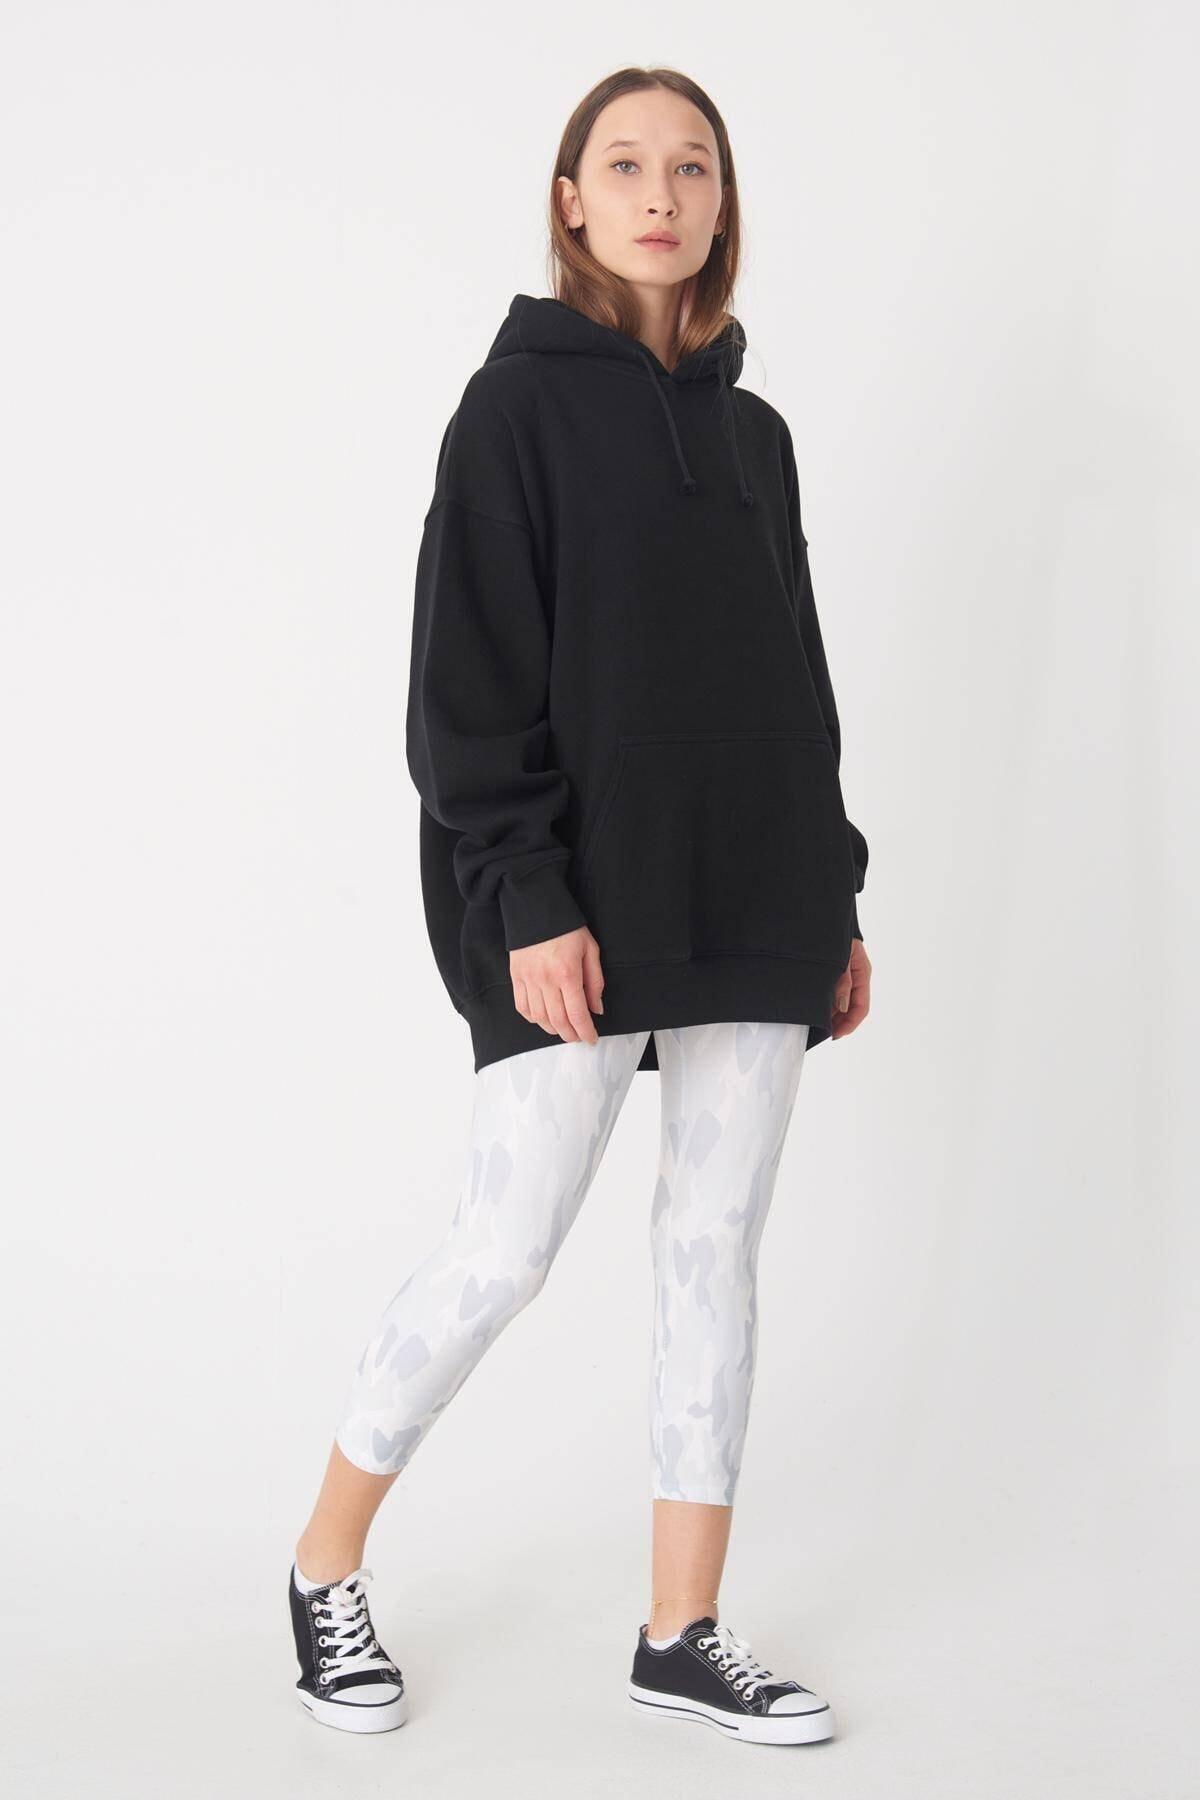 Addax Kadın Siyah Kapüşonlu Uzun Sweat S9477 - S7 ADX-0000022987 2